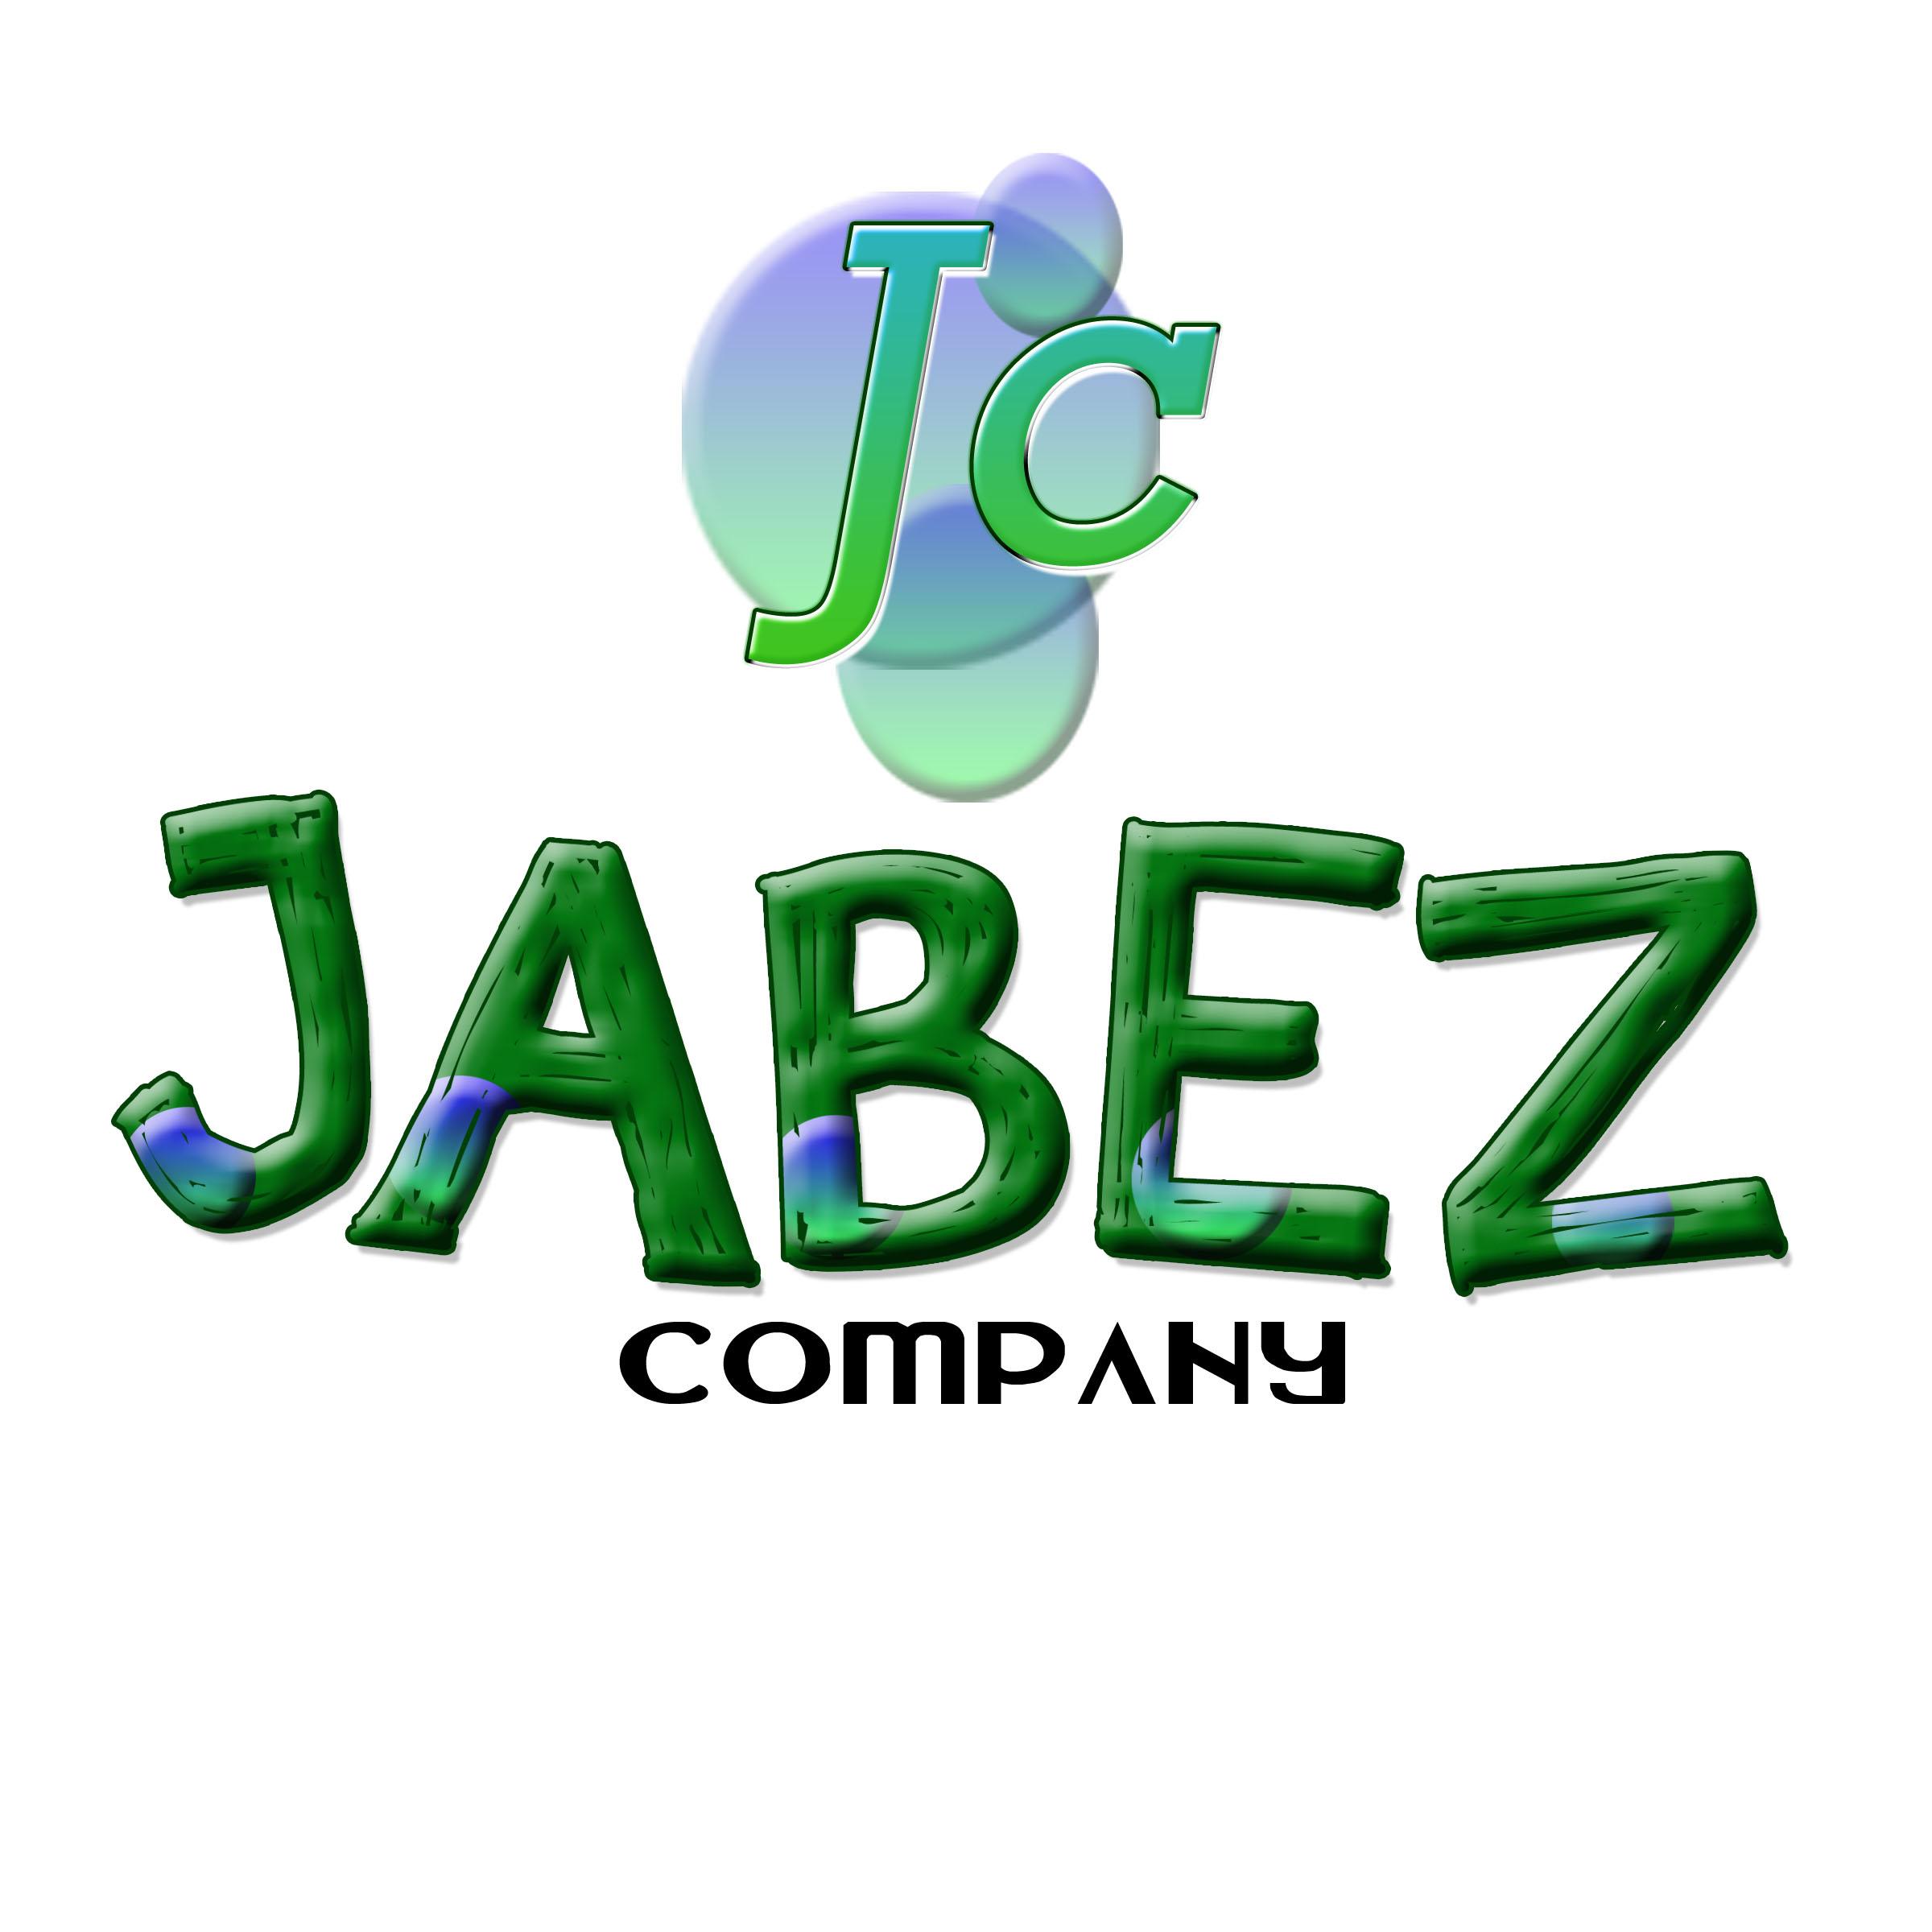 Logo Design by Davy Jones Estrellanes - Entry No. 97 in the Logo Design Contest New Logo Design for Jabez Compnay, LLC.